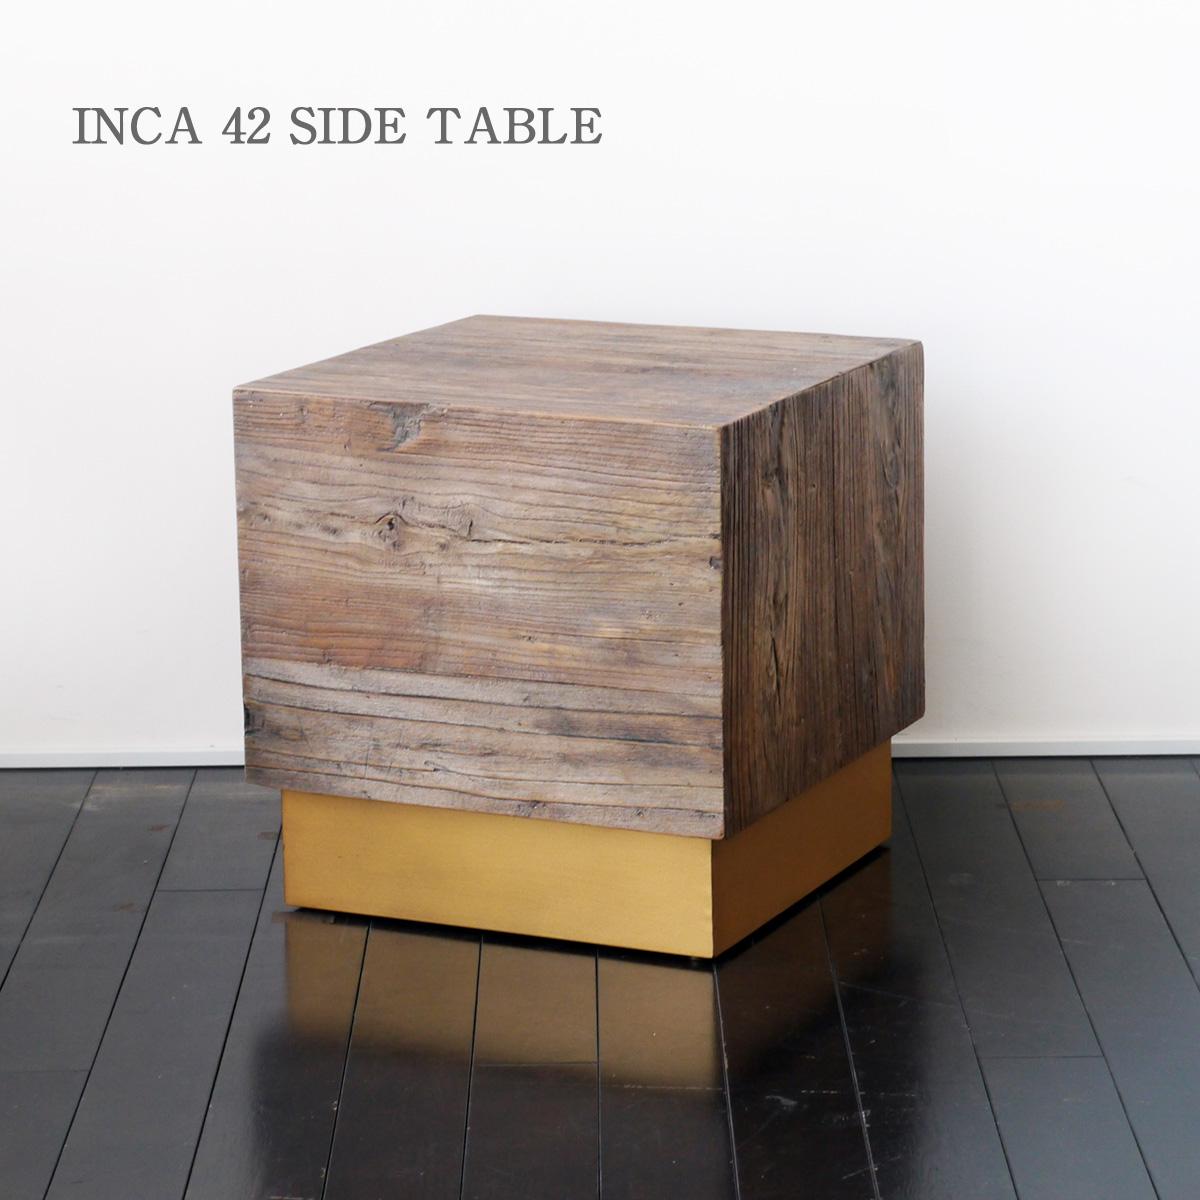 インカ 42サイドテーブル INCA SIDE TABLE 42cm スクエア